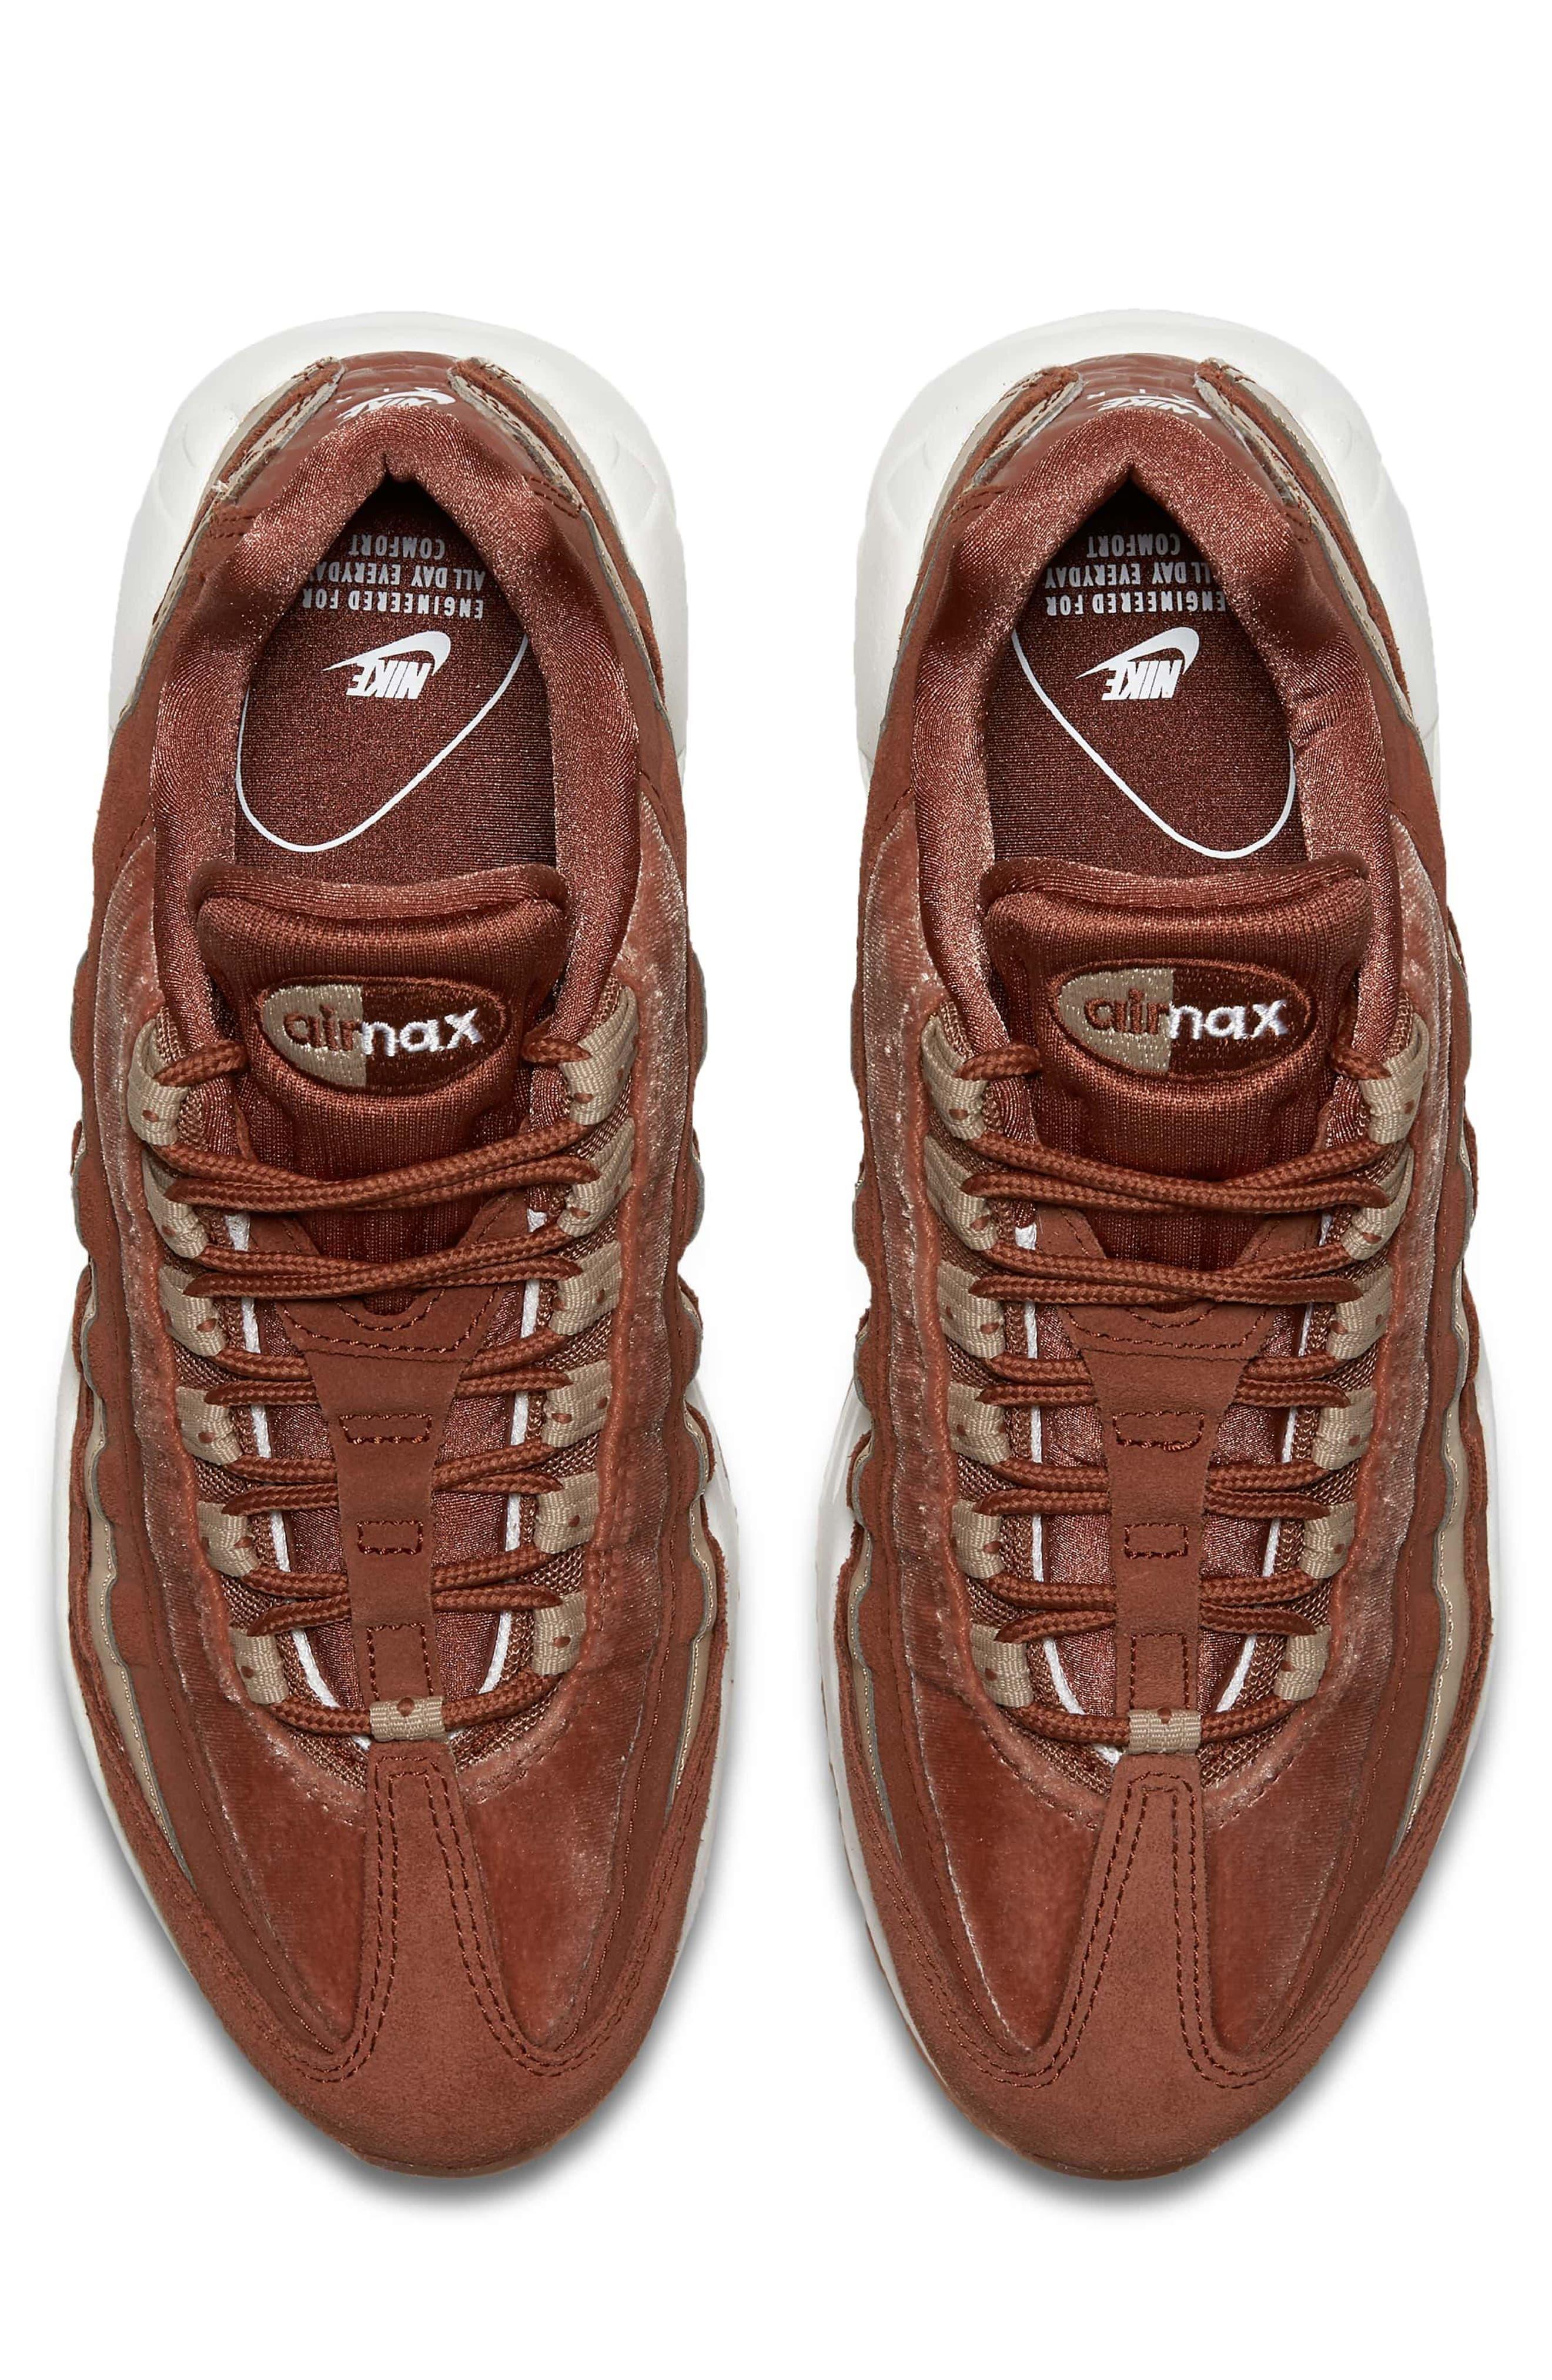 Air Max 95 LX Shoe,                             Alternate thumbnail 4, color,                             Dusty Peach/ Dusty Peach